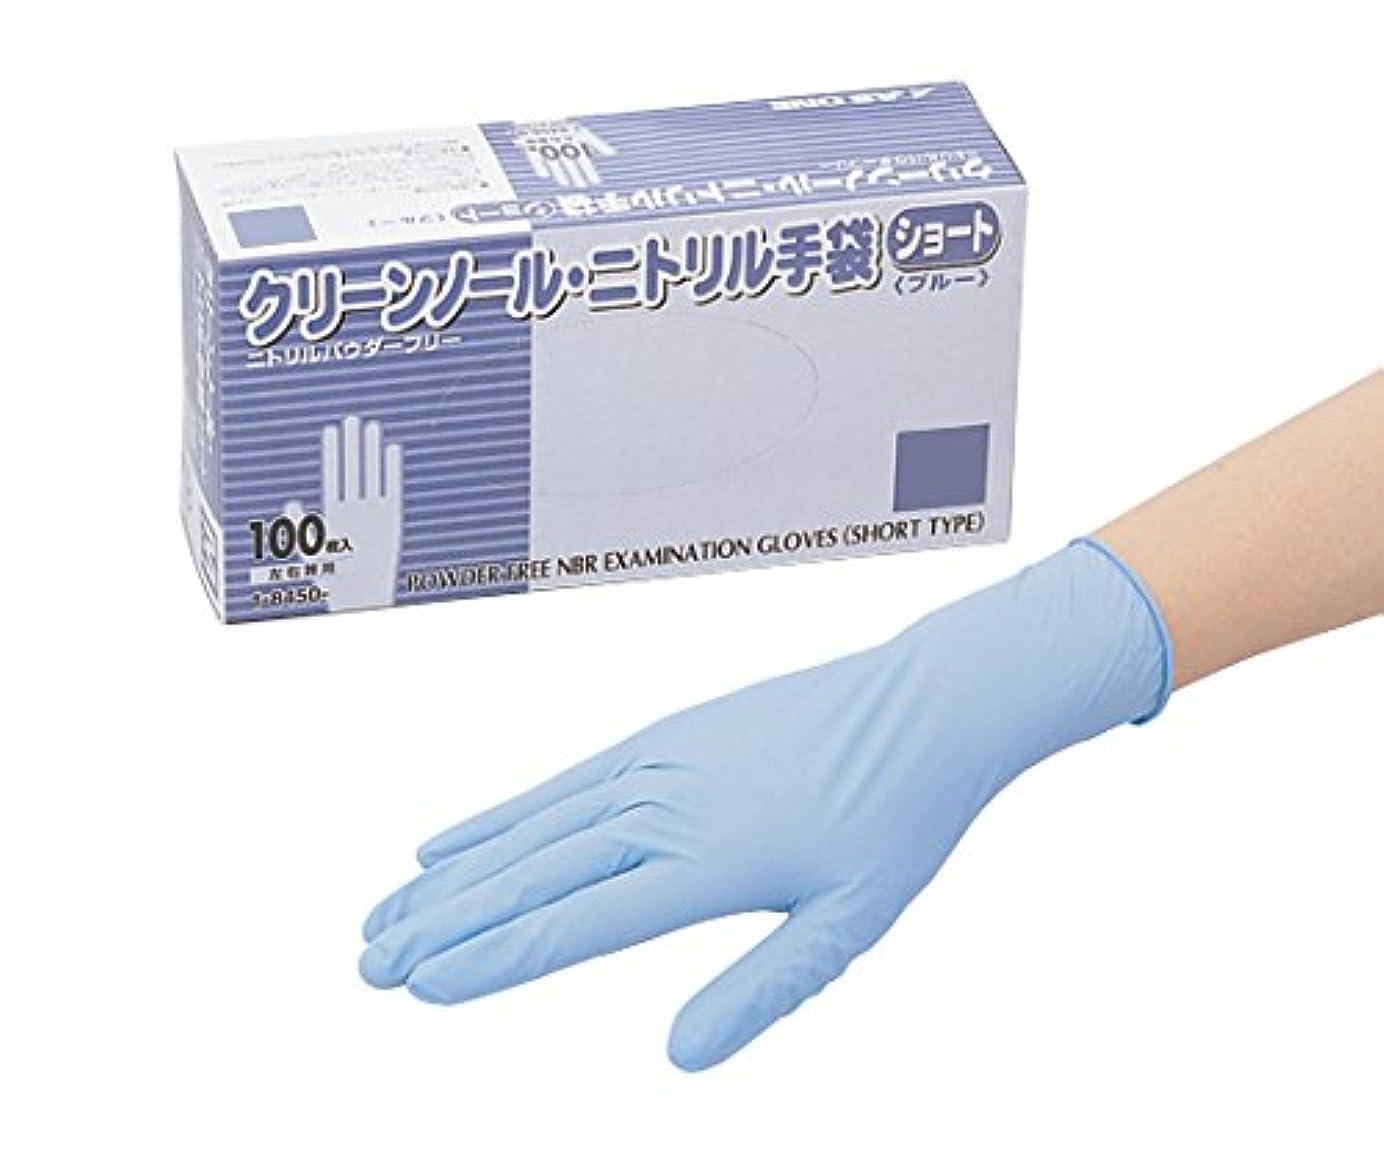 アクチュエータ食べる考案するアズワン1-8450-52クリーンノールニトリル手袋ショート(パウダーフリ-)ブルーM1000枚入